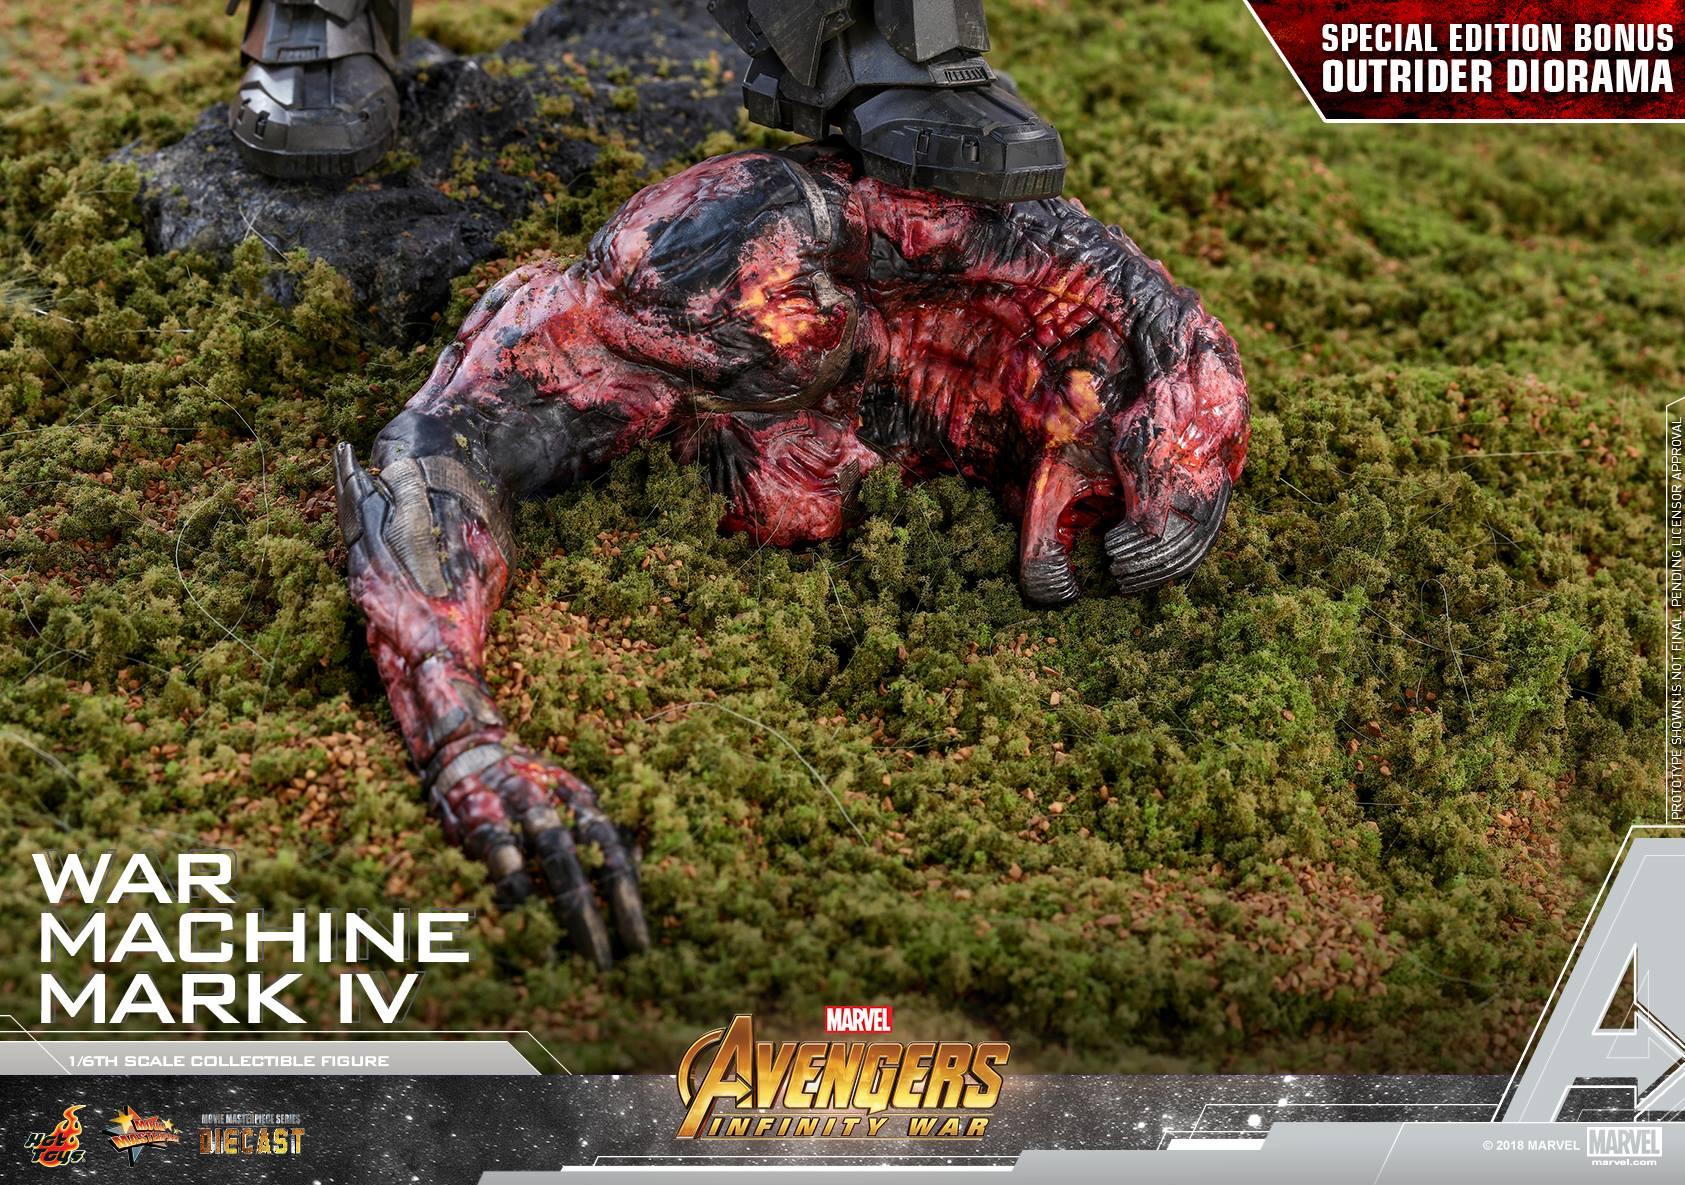 รูป Hot toys War Machine Mark IV Avengers Infinity War